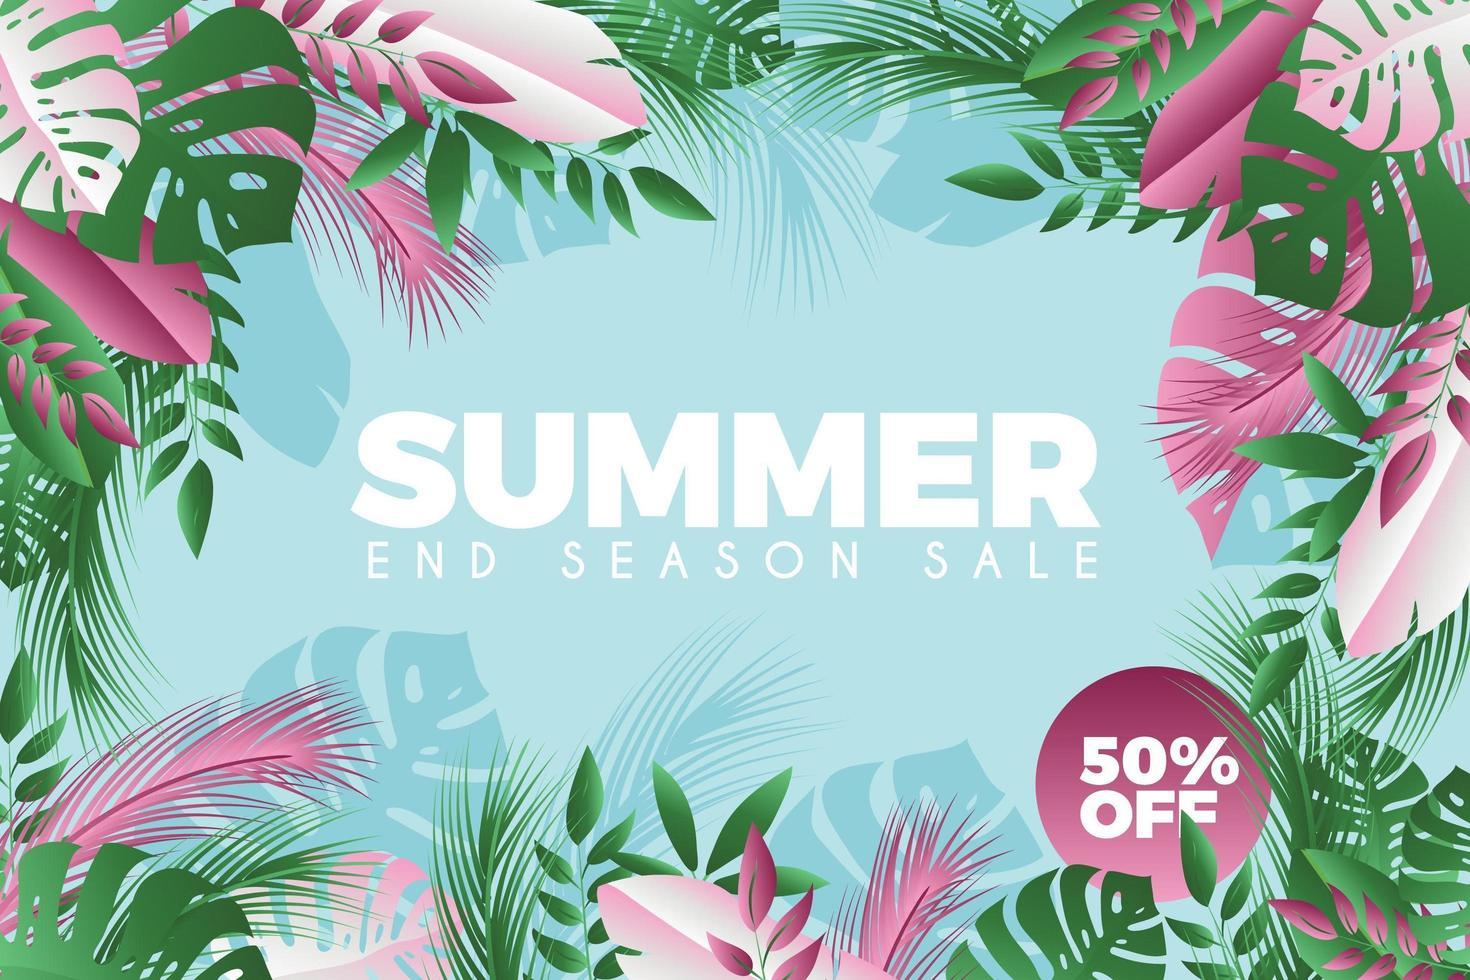 affiche de vente d'été de fleurs et de feuilles vertes et roses vecteur